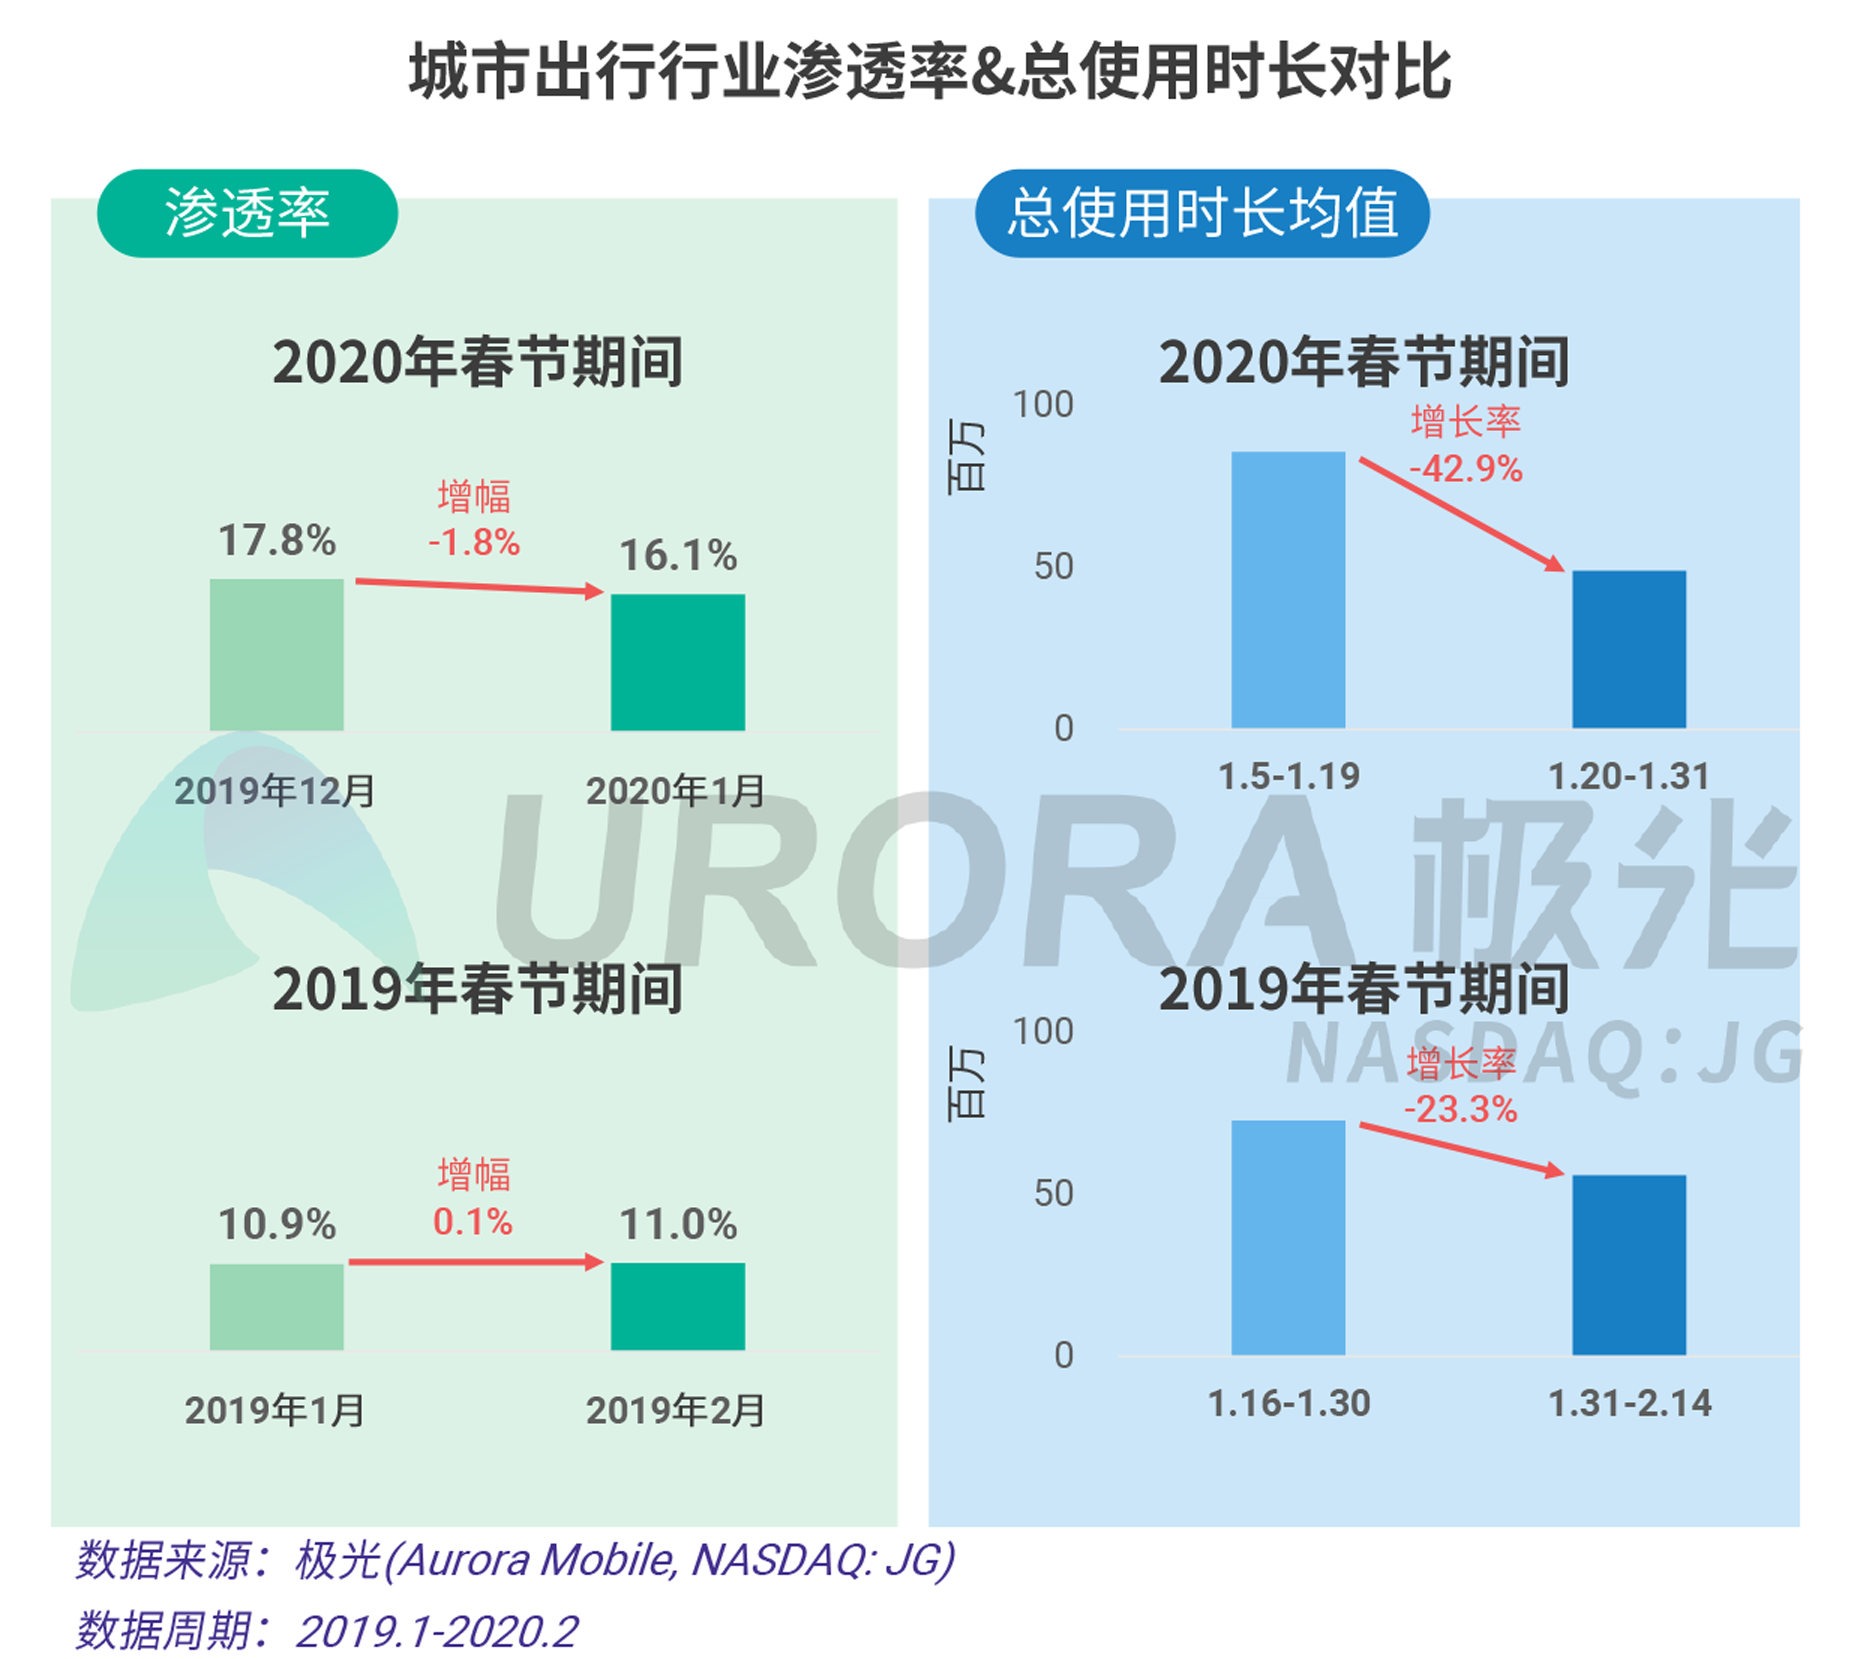 2020年春节移动互联行业热点观察V20-25.png